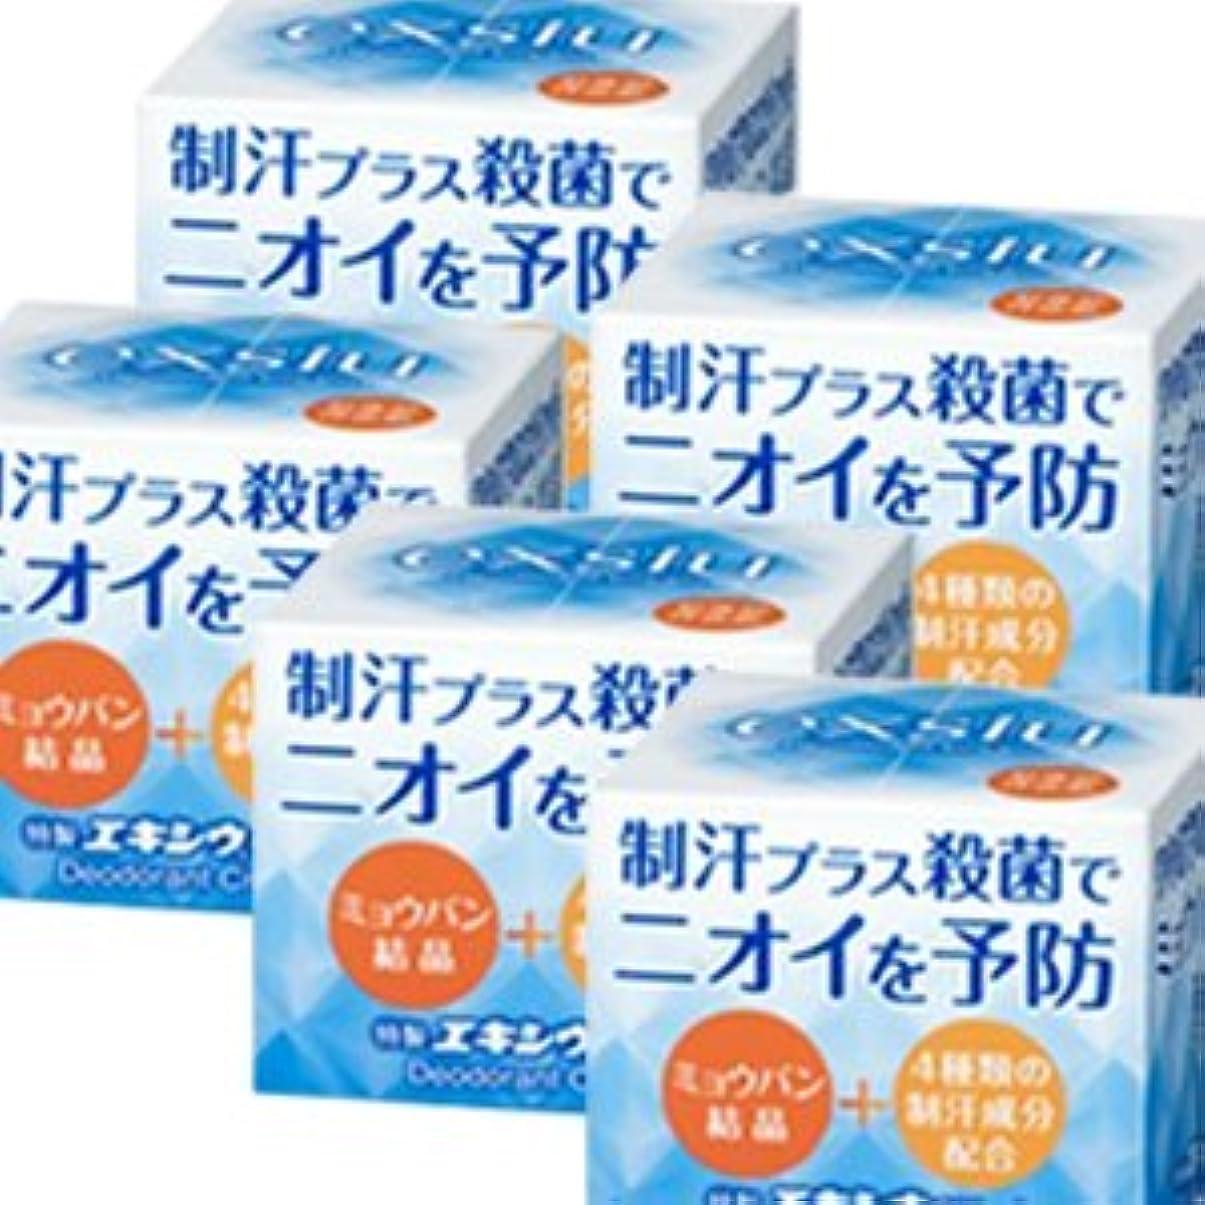 そのような日付ブラザー【5個】 特製エキシウクリーム 30gx5個 (4987145200228)